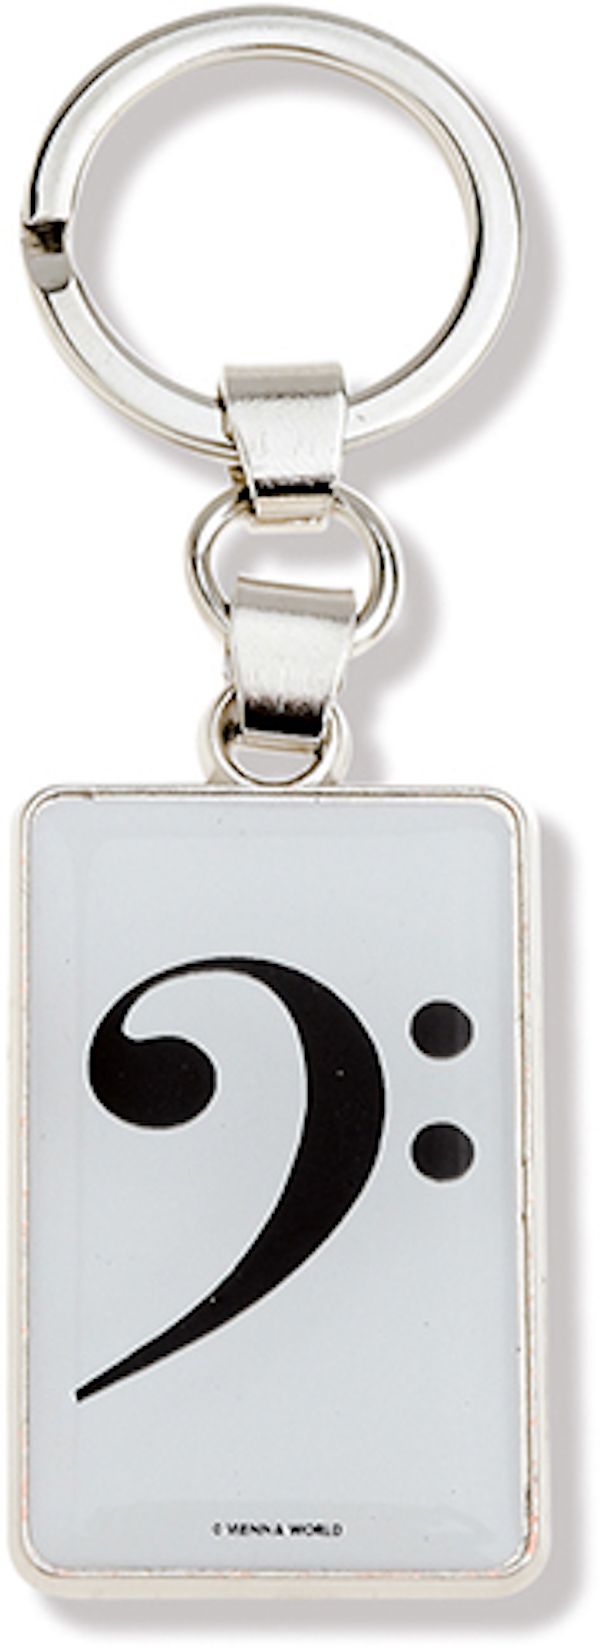 Schlüsselanhänger Bass-Schlüssel